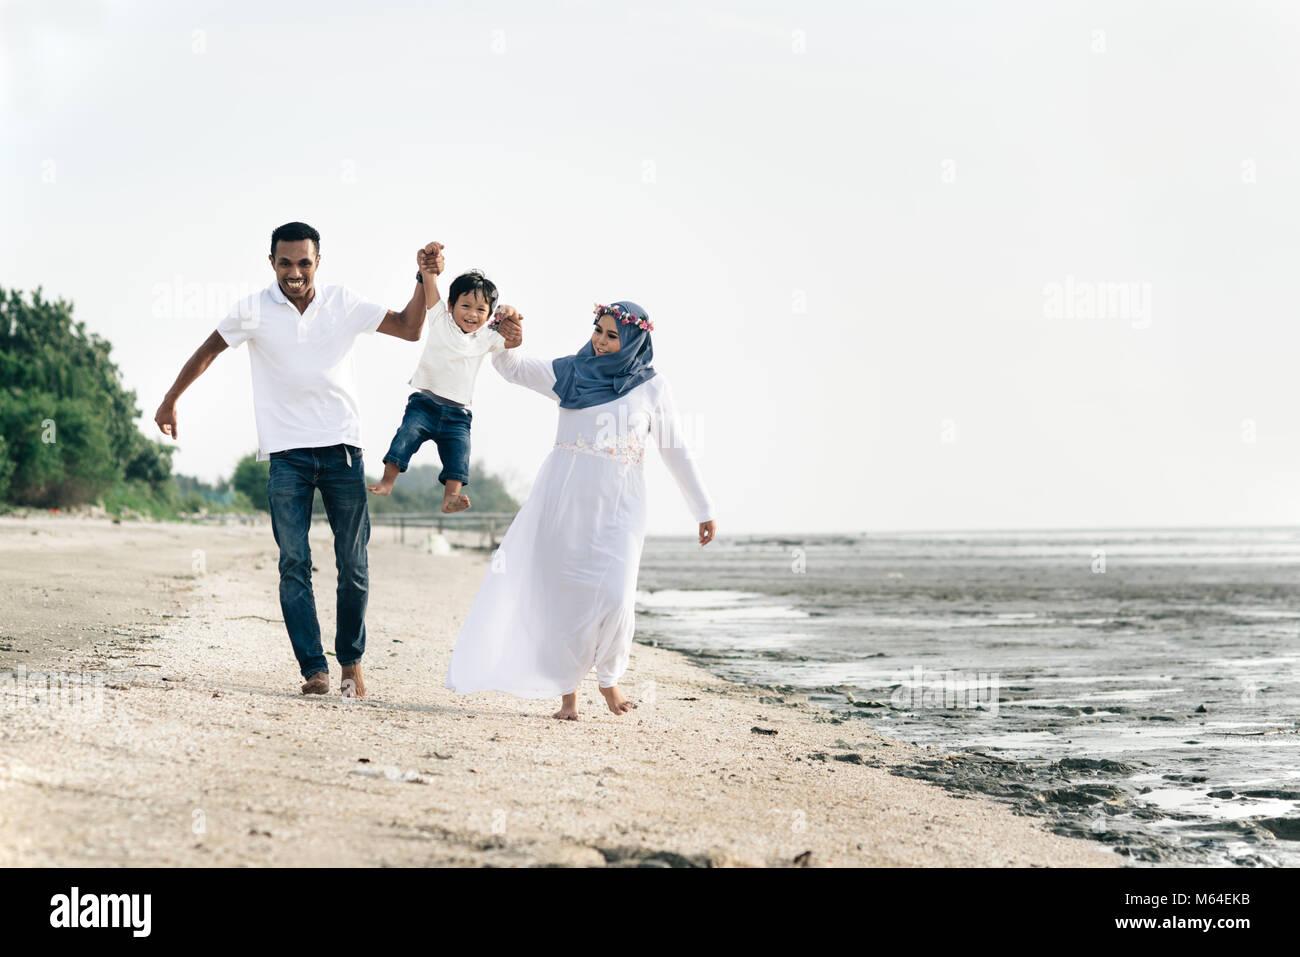 Feliz familia divirtiéndose en barro ubicado en la playa de Pantai remis,Selangor, Malasia. Concepto de familia Imagen De Stock